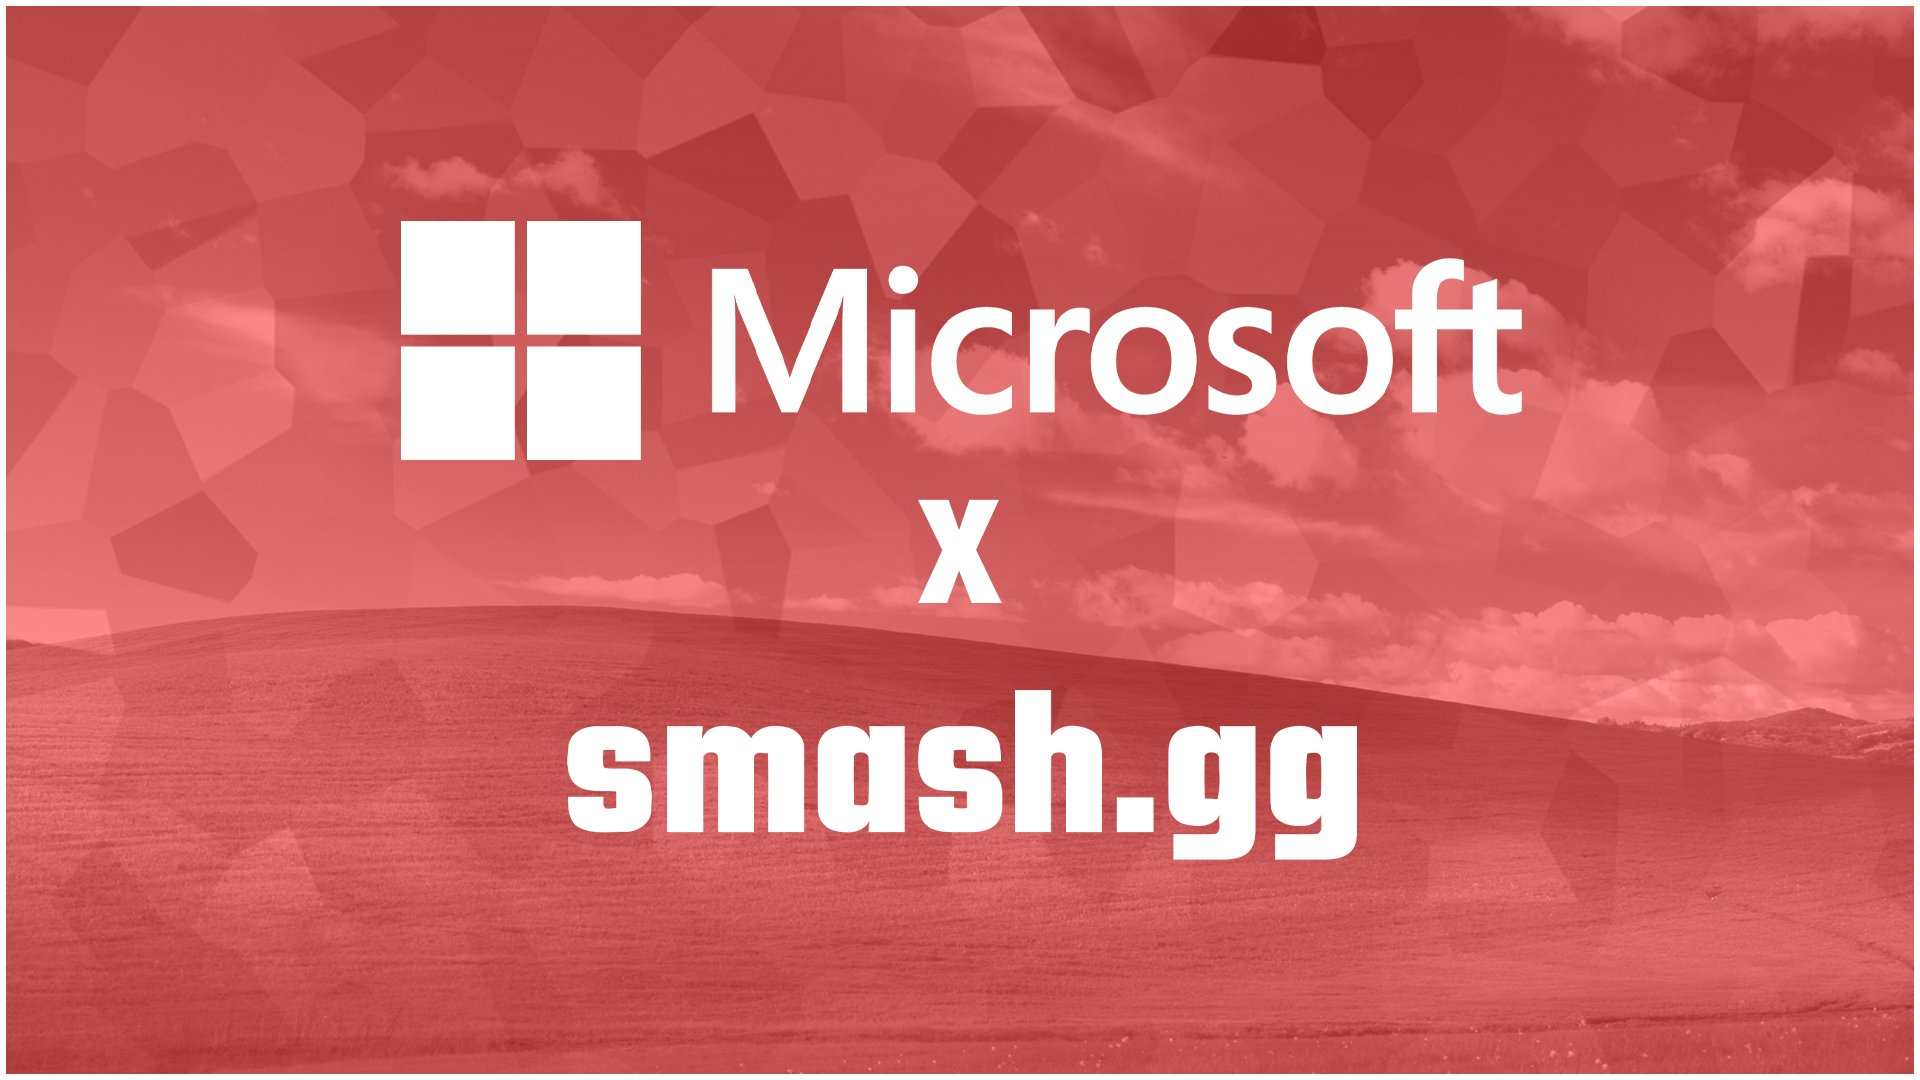 Microsoft ponownie na zakupach. Częścią Giganta z Redmond stało się Smash.gg